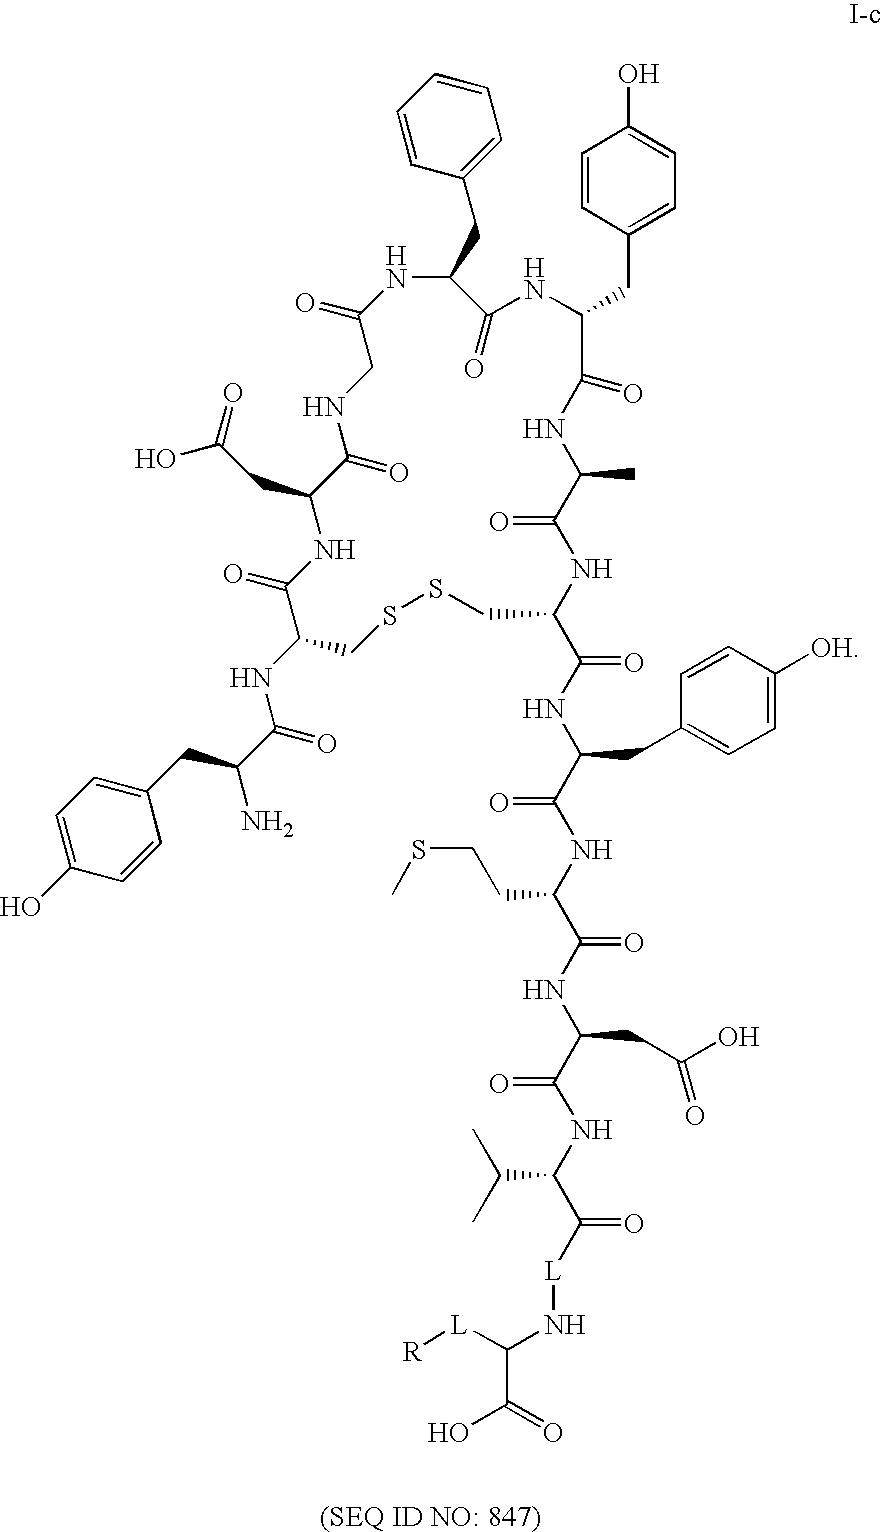 Figure US20090110662A1-20090430-C00388